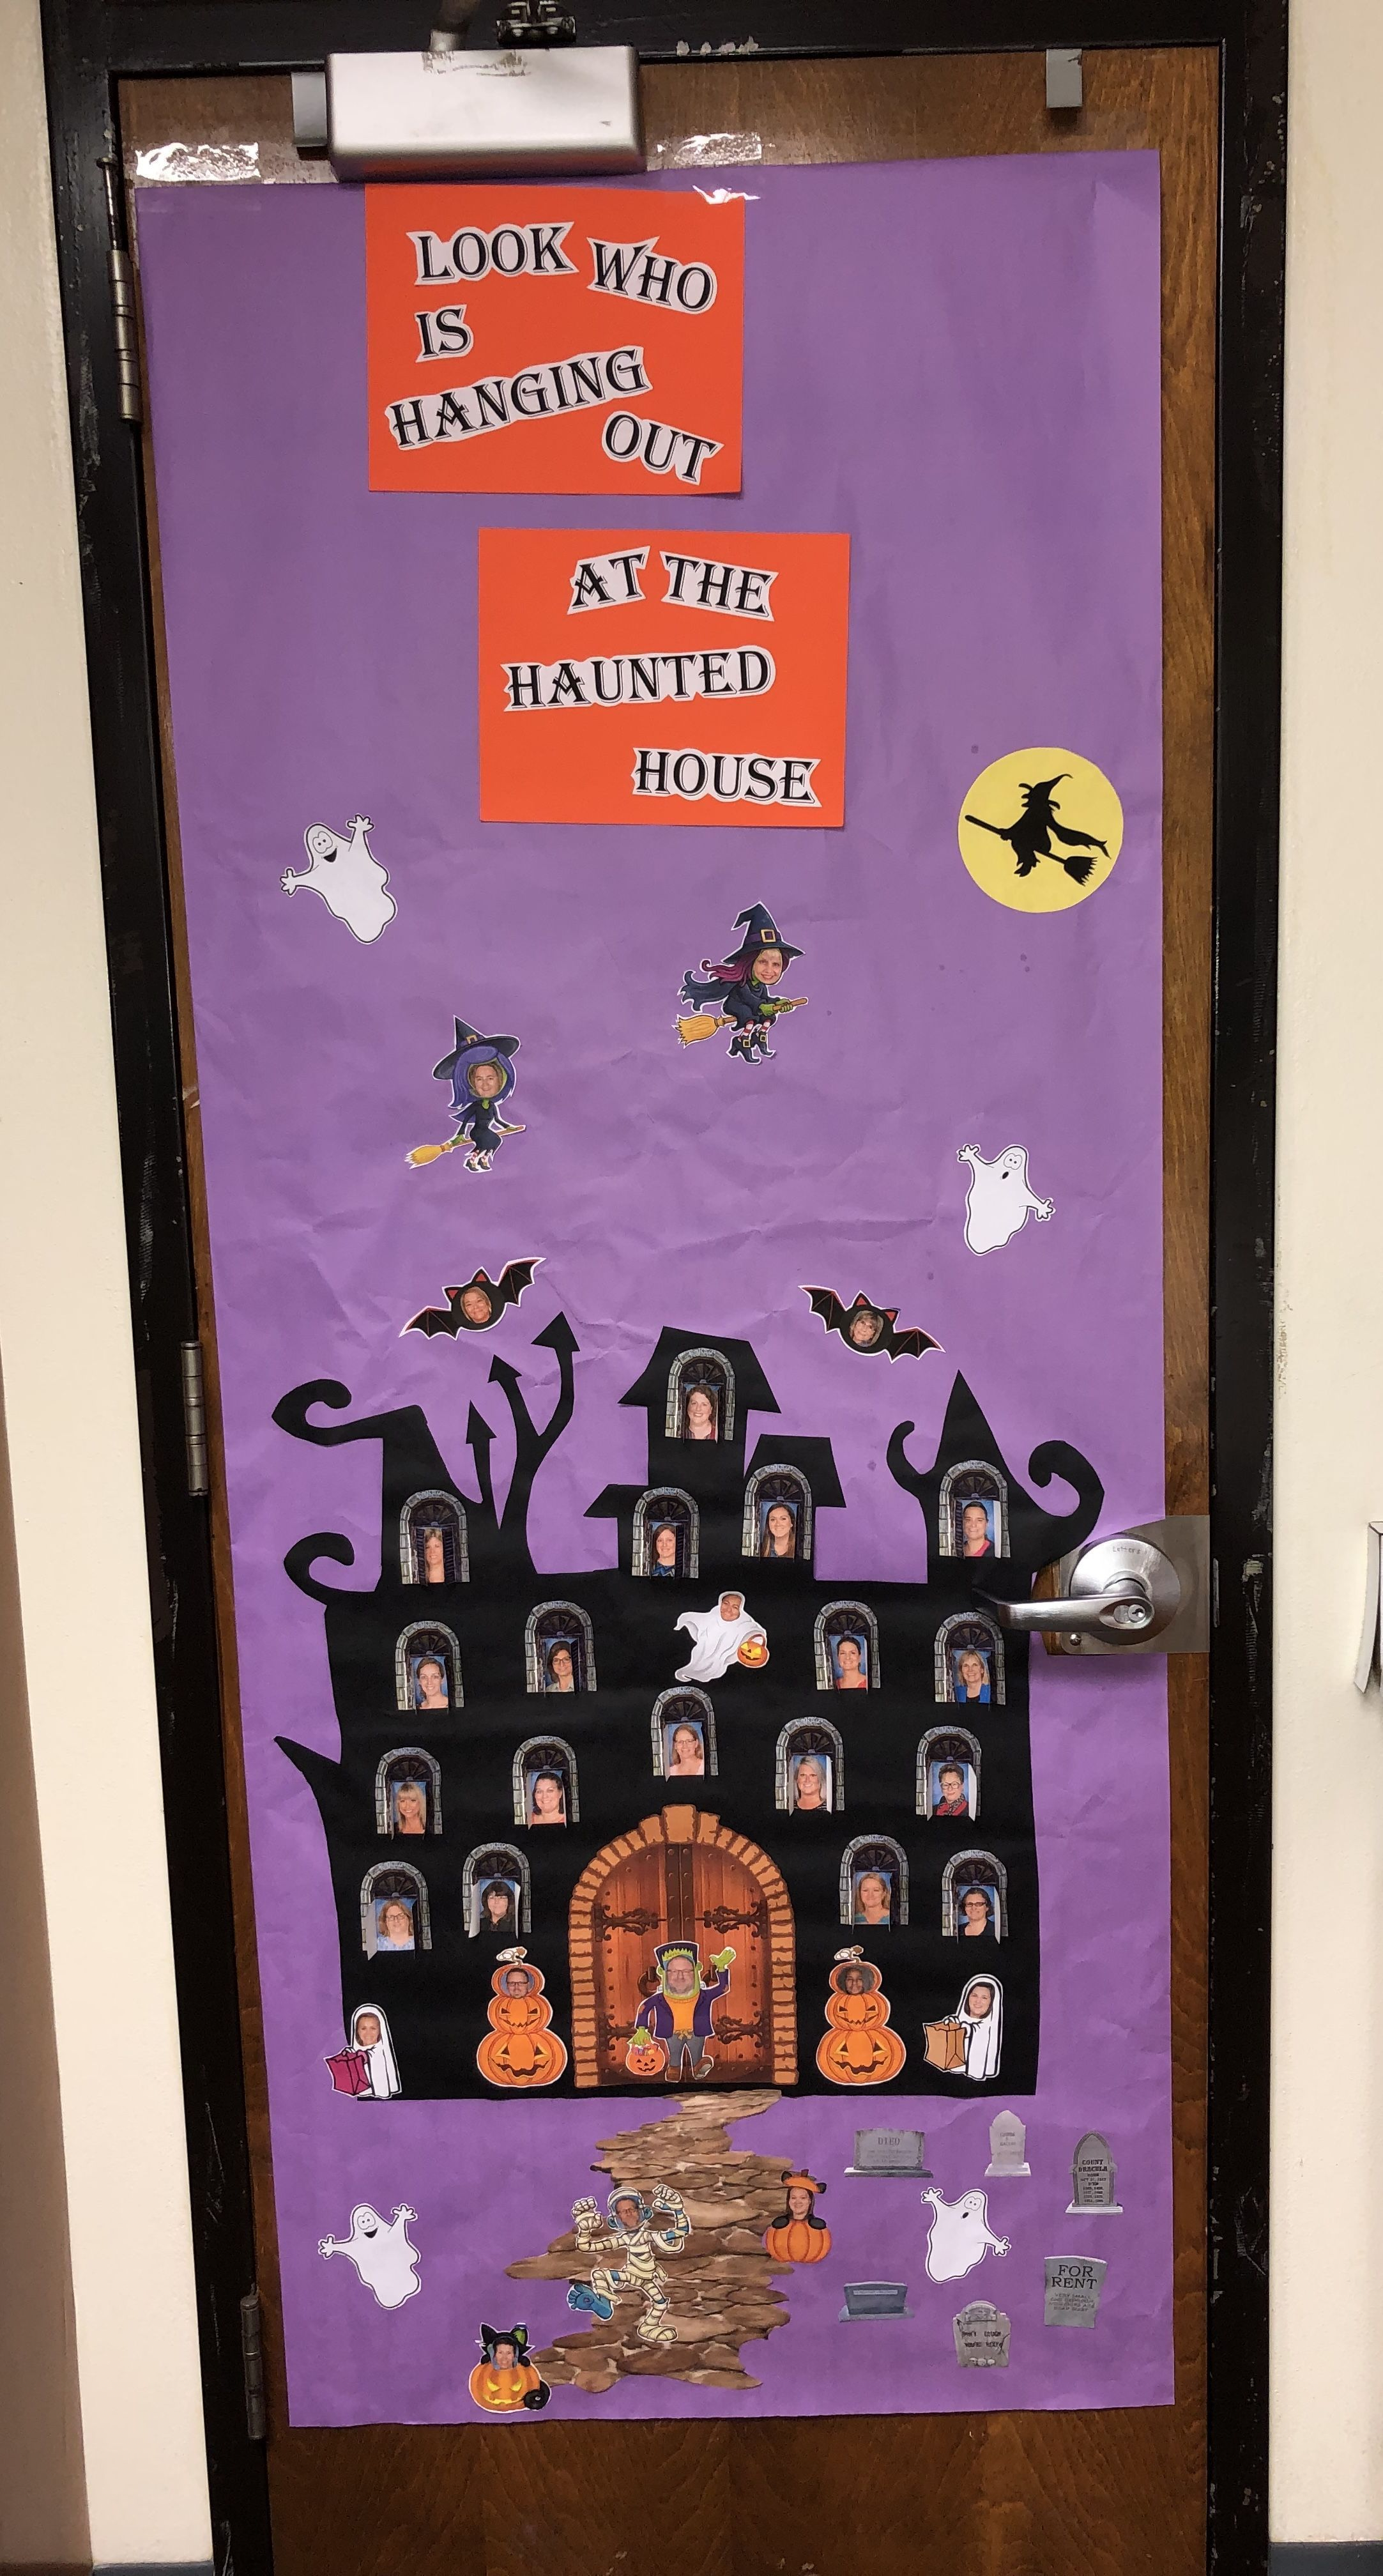 Halloween classroom door. #halloweenclassroomdoor #halloweenclassroomdoor Halloween classroom door. #halloweenclassroomdoor #halloweenclassroomdoor Halloween classroom door. #halloweenclassroomdoor #halloweenclassroomdoor Halloween classroom door. #halloweenclassroomdoor #falldoordecorationsclassroom